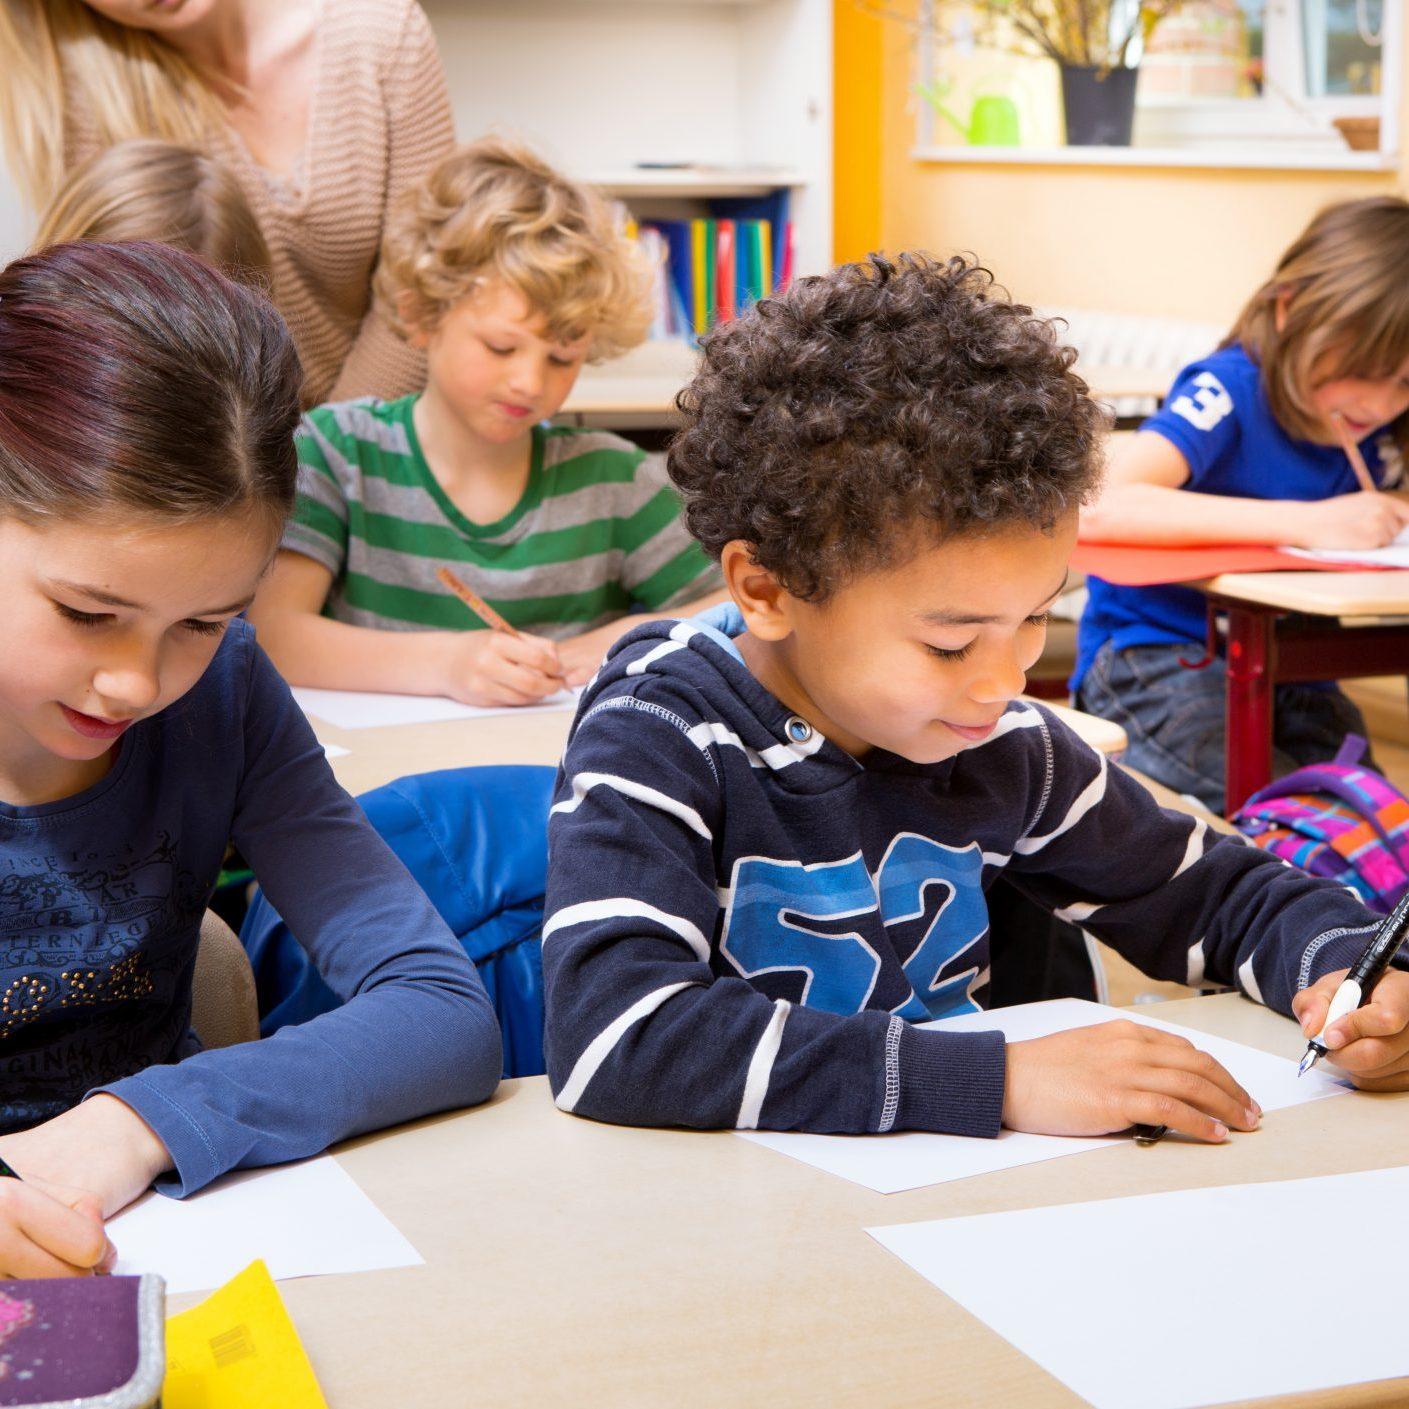 Classroom of children doing school work